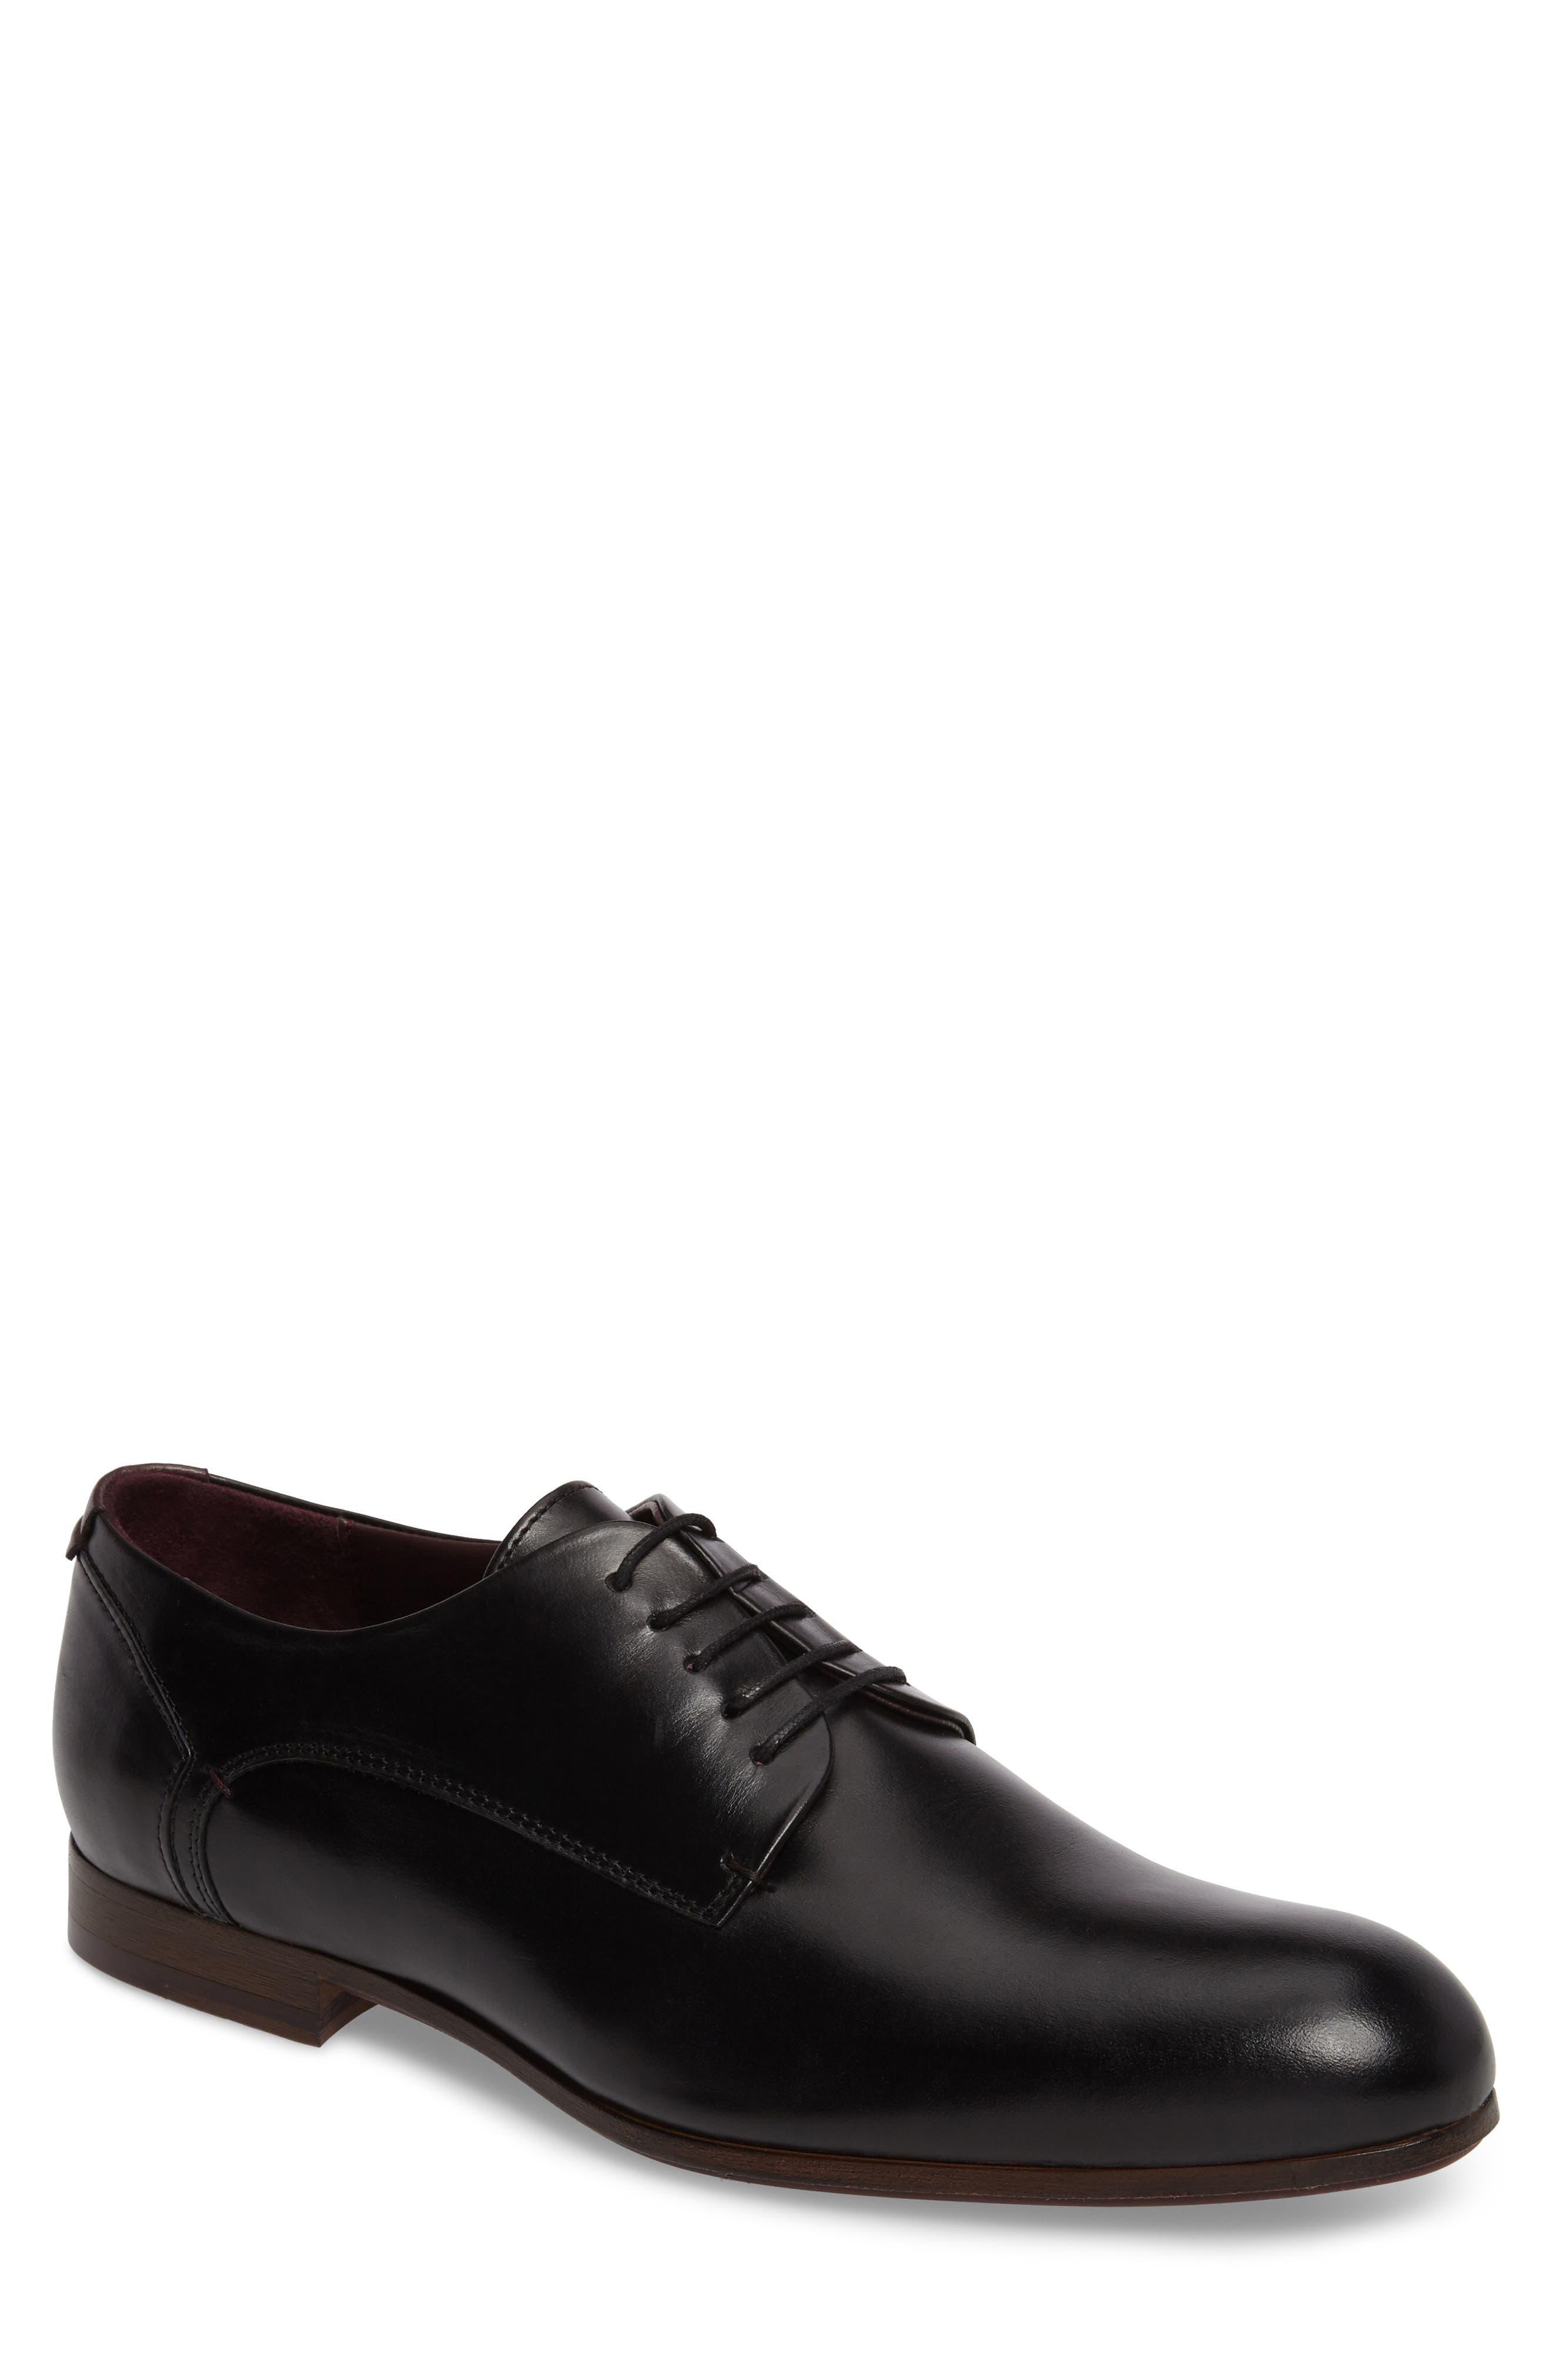 Avionn Plain Toe Derby,                         Main,                         color, Black Leather